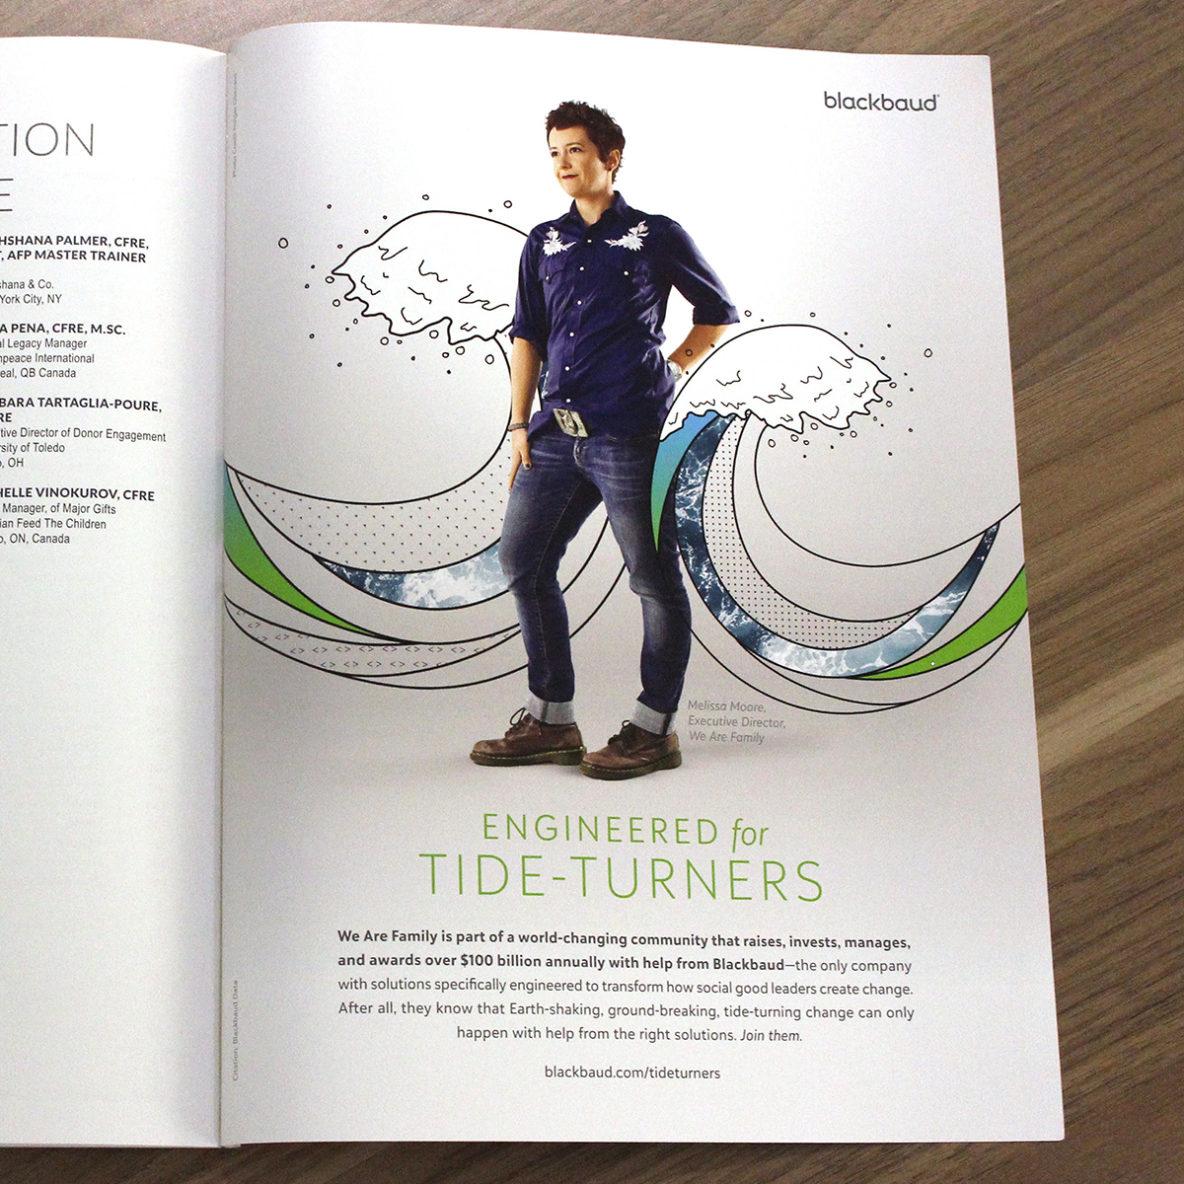 Blackbaud Tide Turners Featured Image Sam Stone